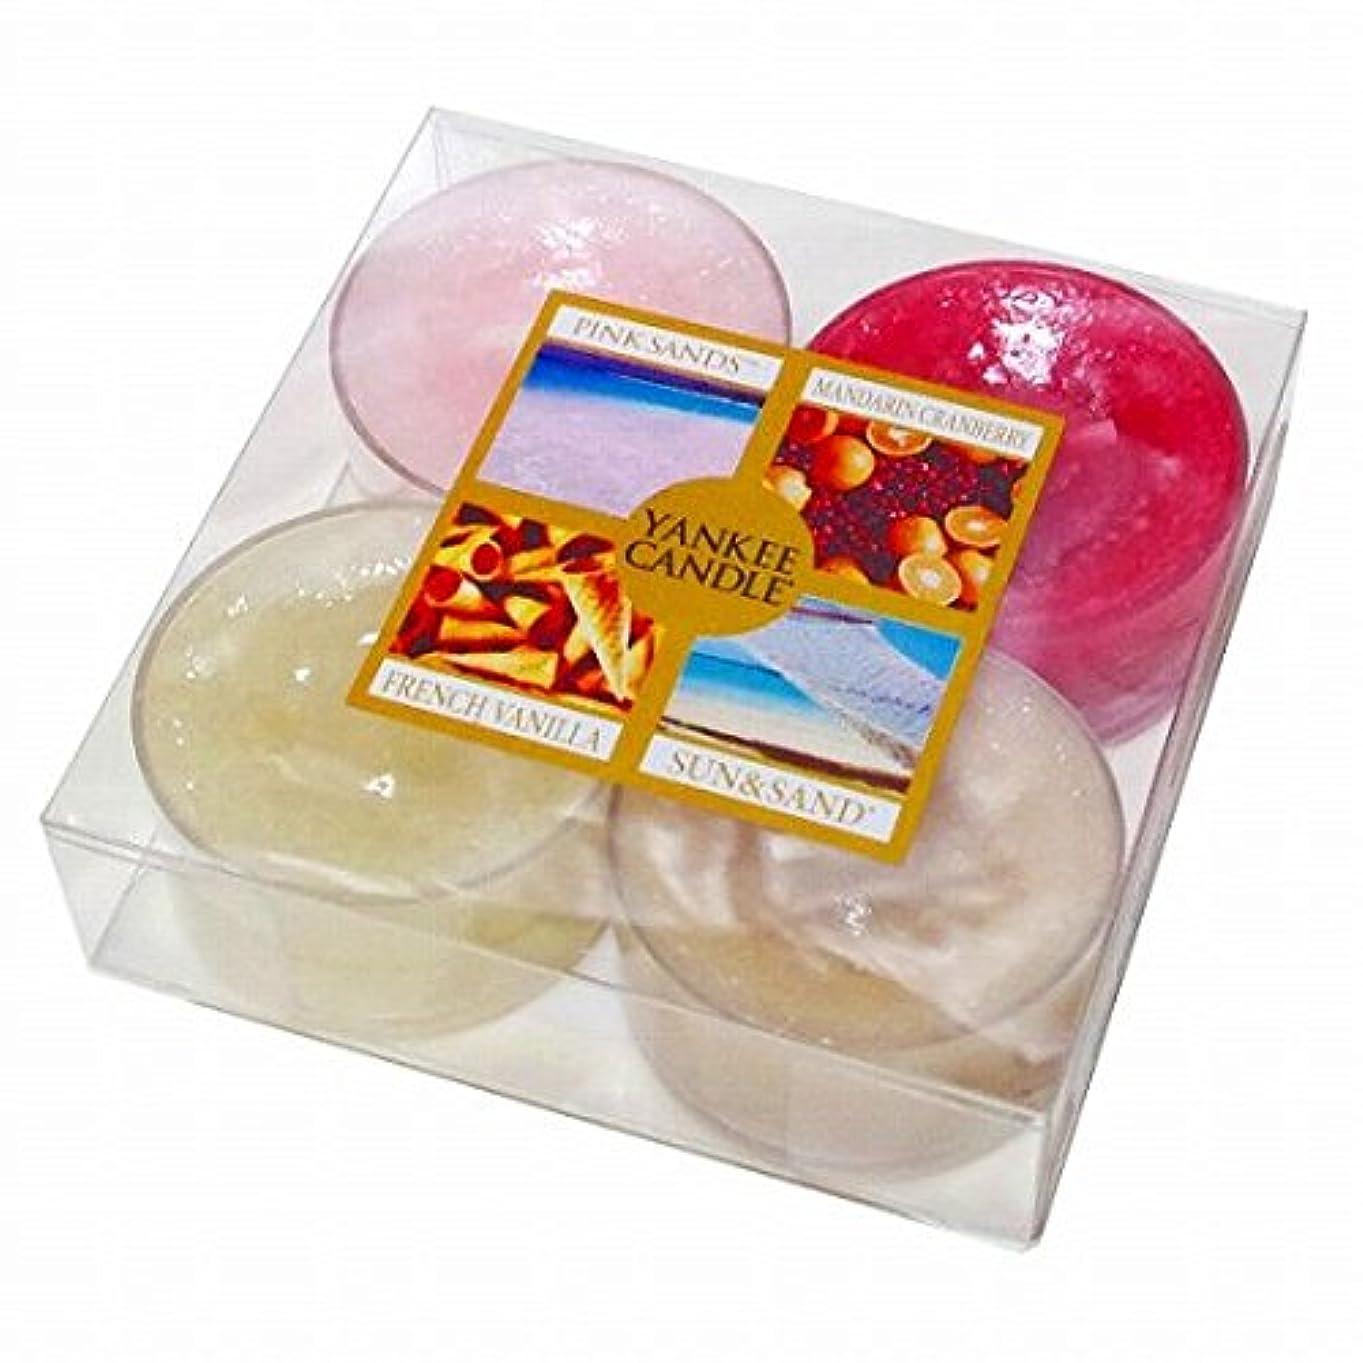 カメヤマキャンドル(kameyama candle) YANKEE CANDLE クリアカップティーライト4個入り アソート 「 スイート 」